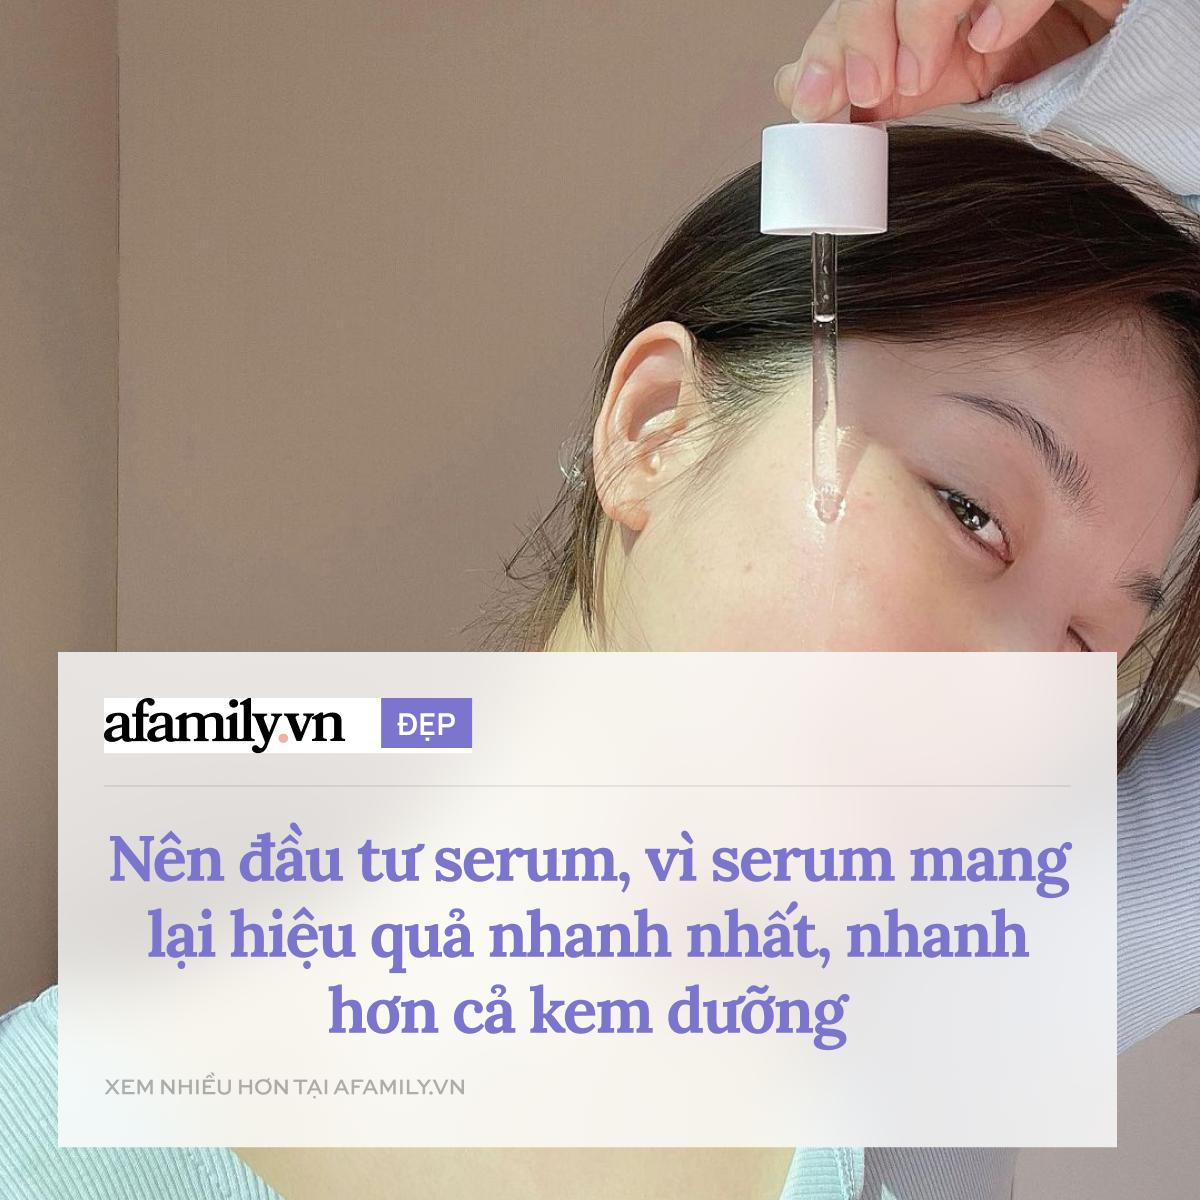 Làn da sẽ được trẻ hóa vô cùng nếu nắm kỹ 15 quy tắc skincare đơn giản này  - Ảnh 12.